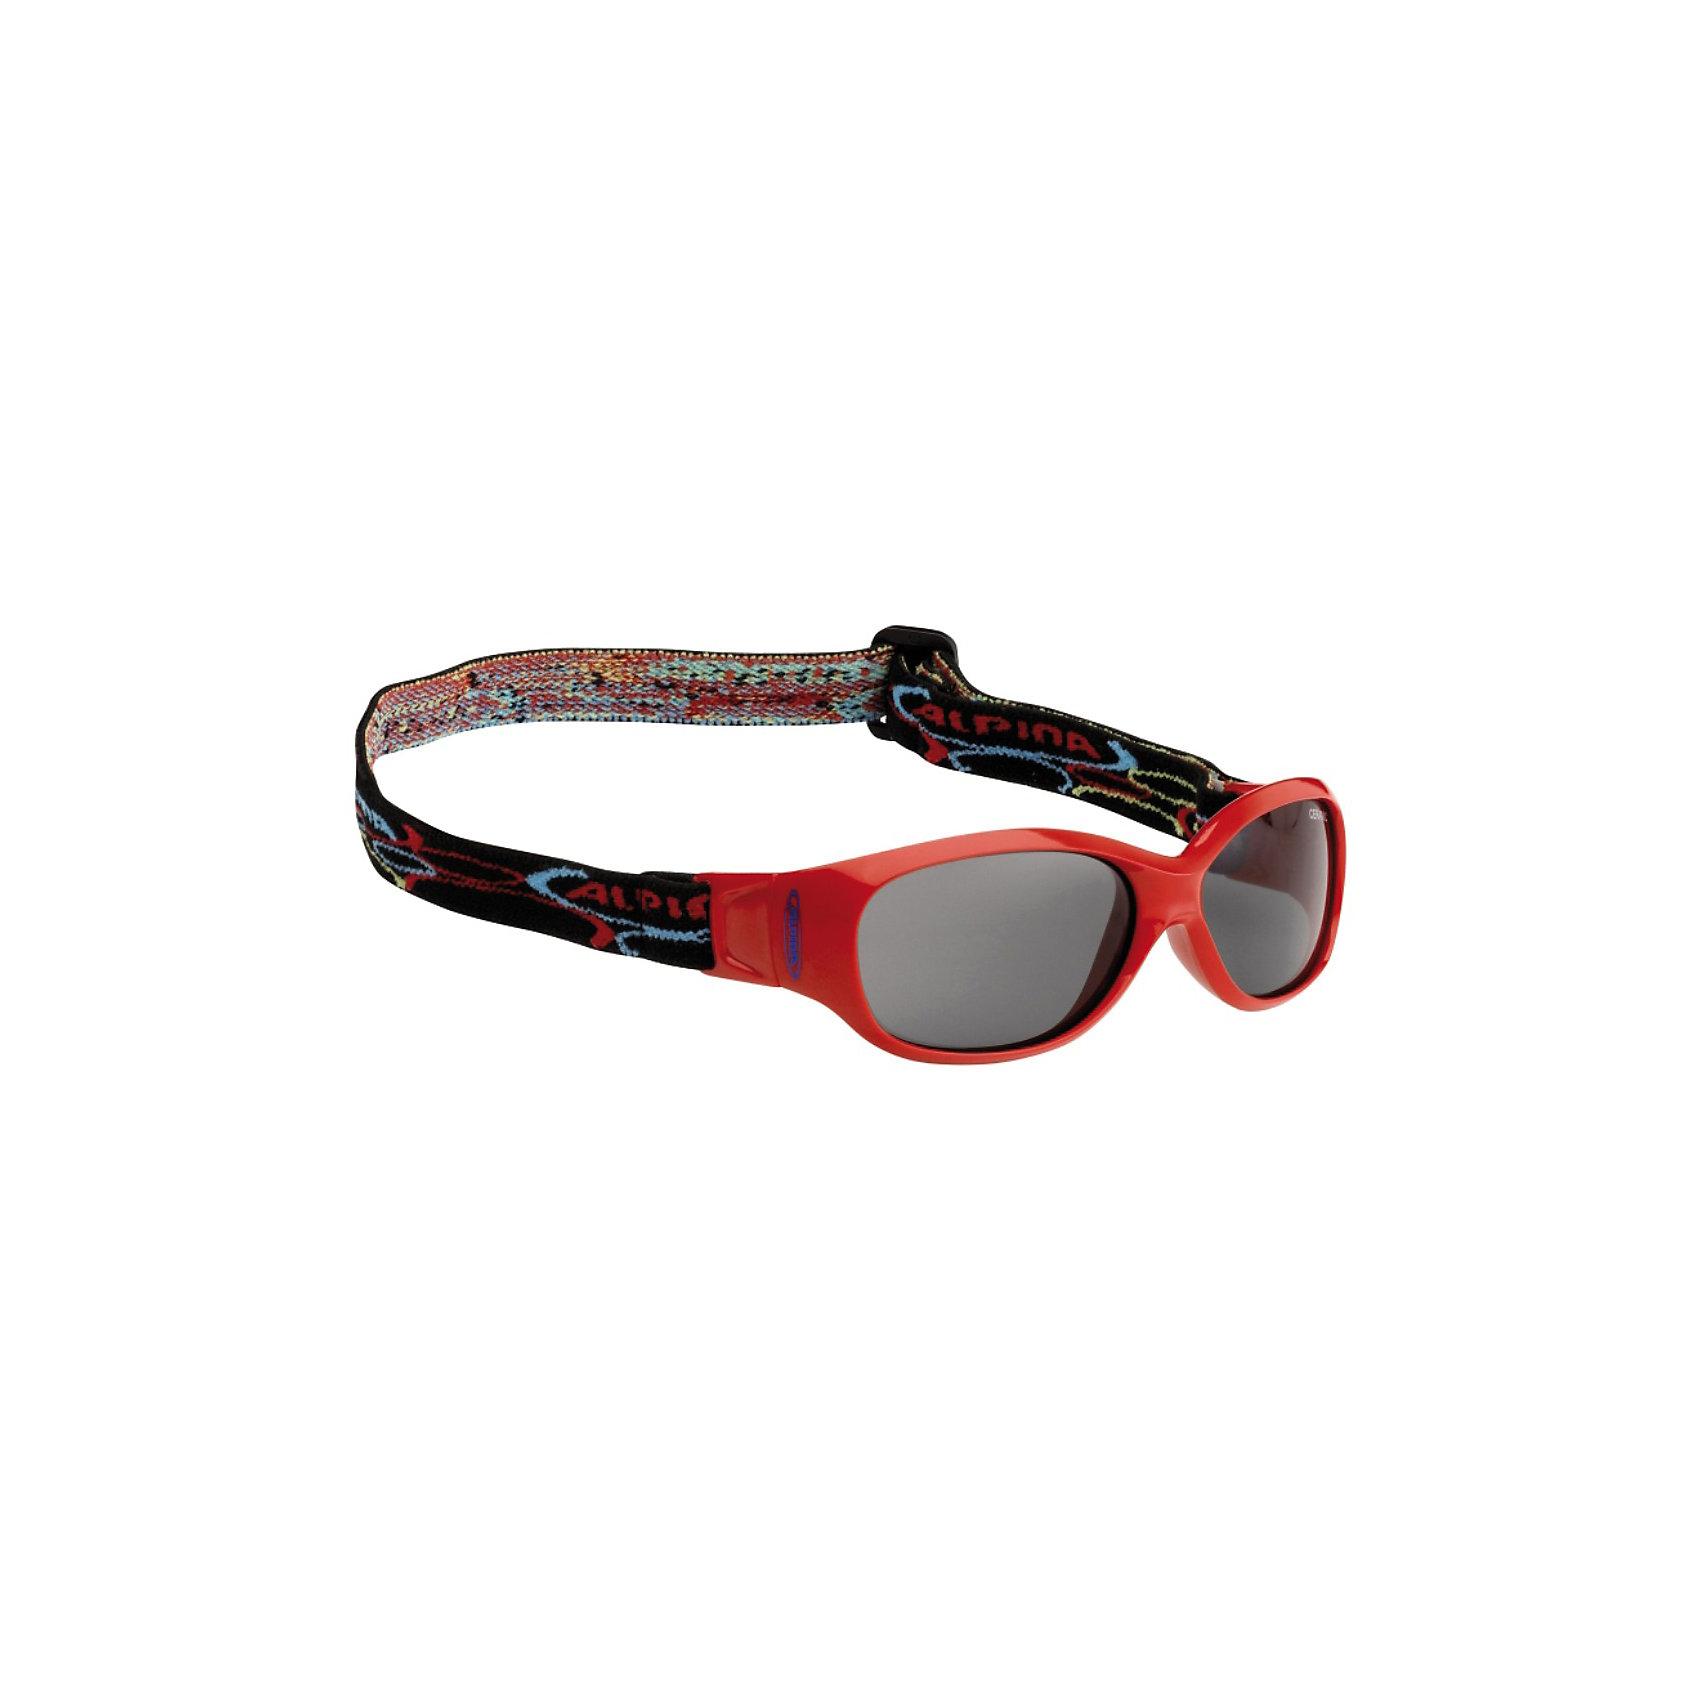 Очки солнцезащитные SPORTS FLEXXY KIDS, красные, ALPINAСолнцезащитные очки<br><br><br>Ширина мм: 128<br>Глубина мм: 81<br>Высота мм: 35<br>Вес г: 40<br>Цвет: красный<br>Возраст от месяцев: 48<br>Возраст до месяцев: 144<br>Пол: Унисекс<br>Возраст: Детский<br>SKU: 3183932